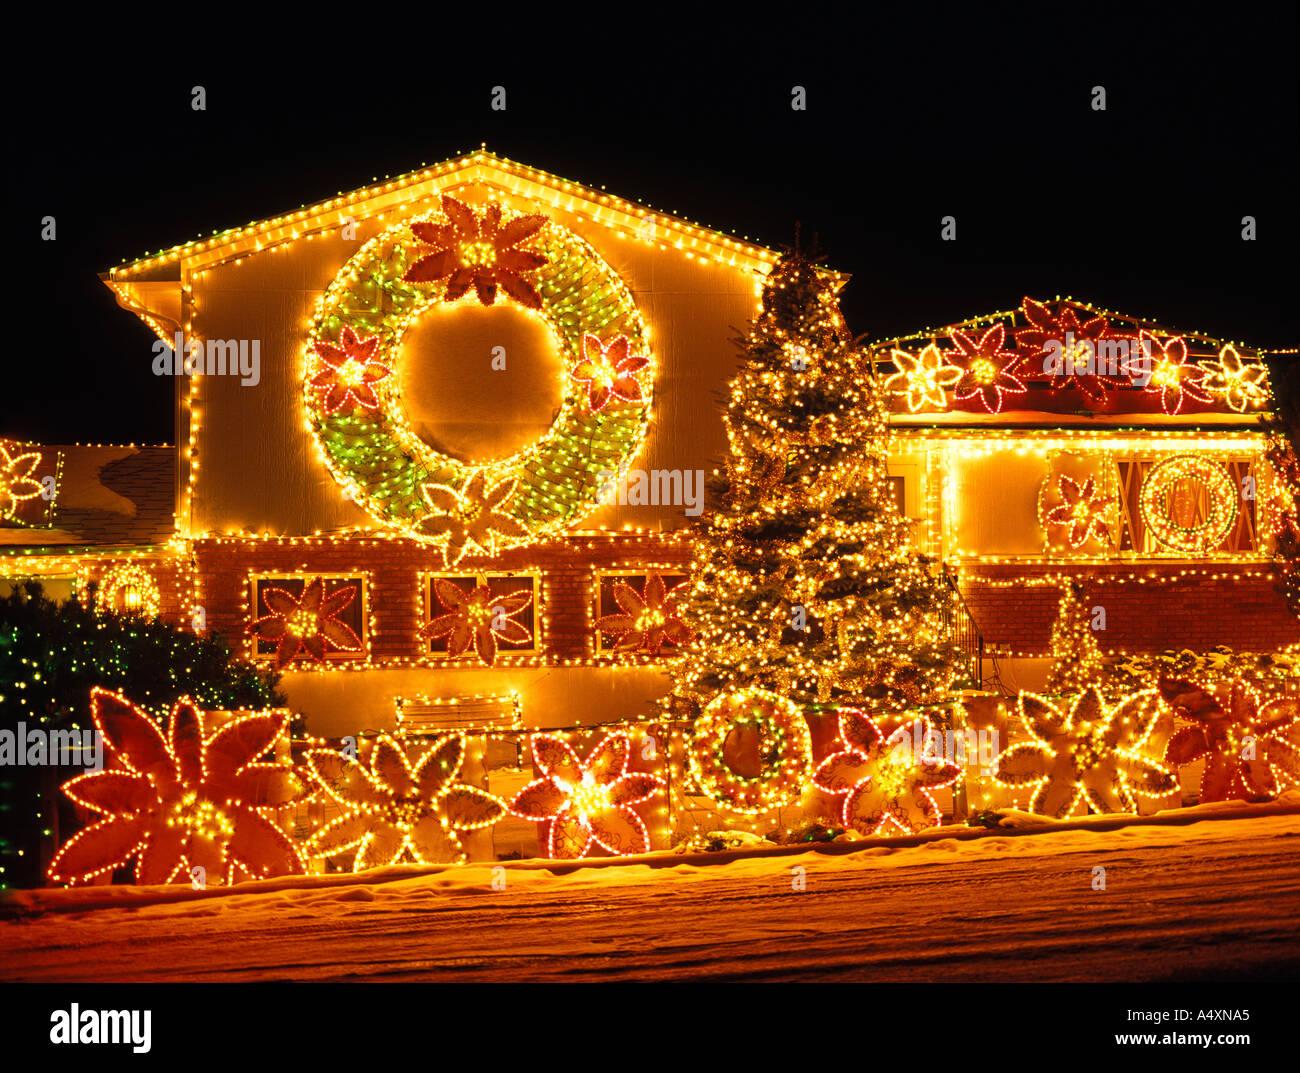 Haus Weihnachtsbeleuchtung.Haus Verziert Mit Weihnachtsbeleuchtung Und Dekorationen